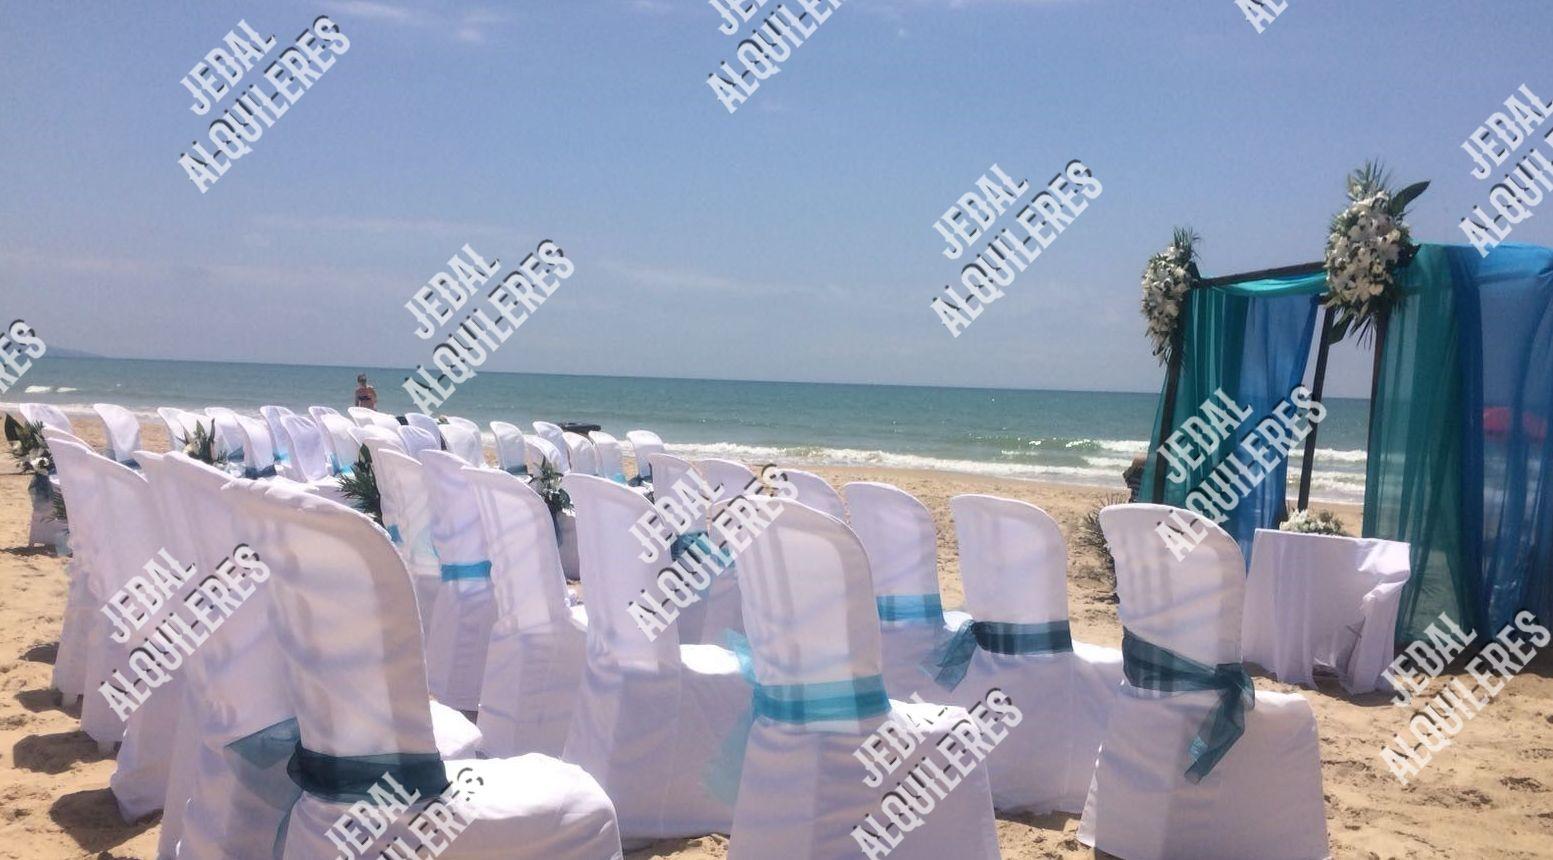 Alquiler de sillas para bodas en Jerez de la Frontera